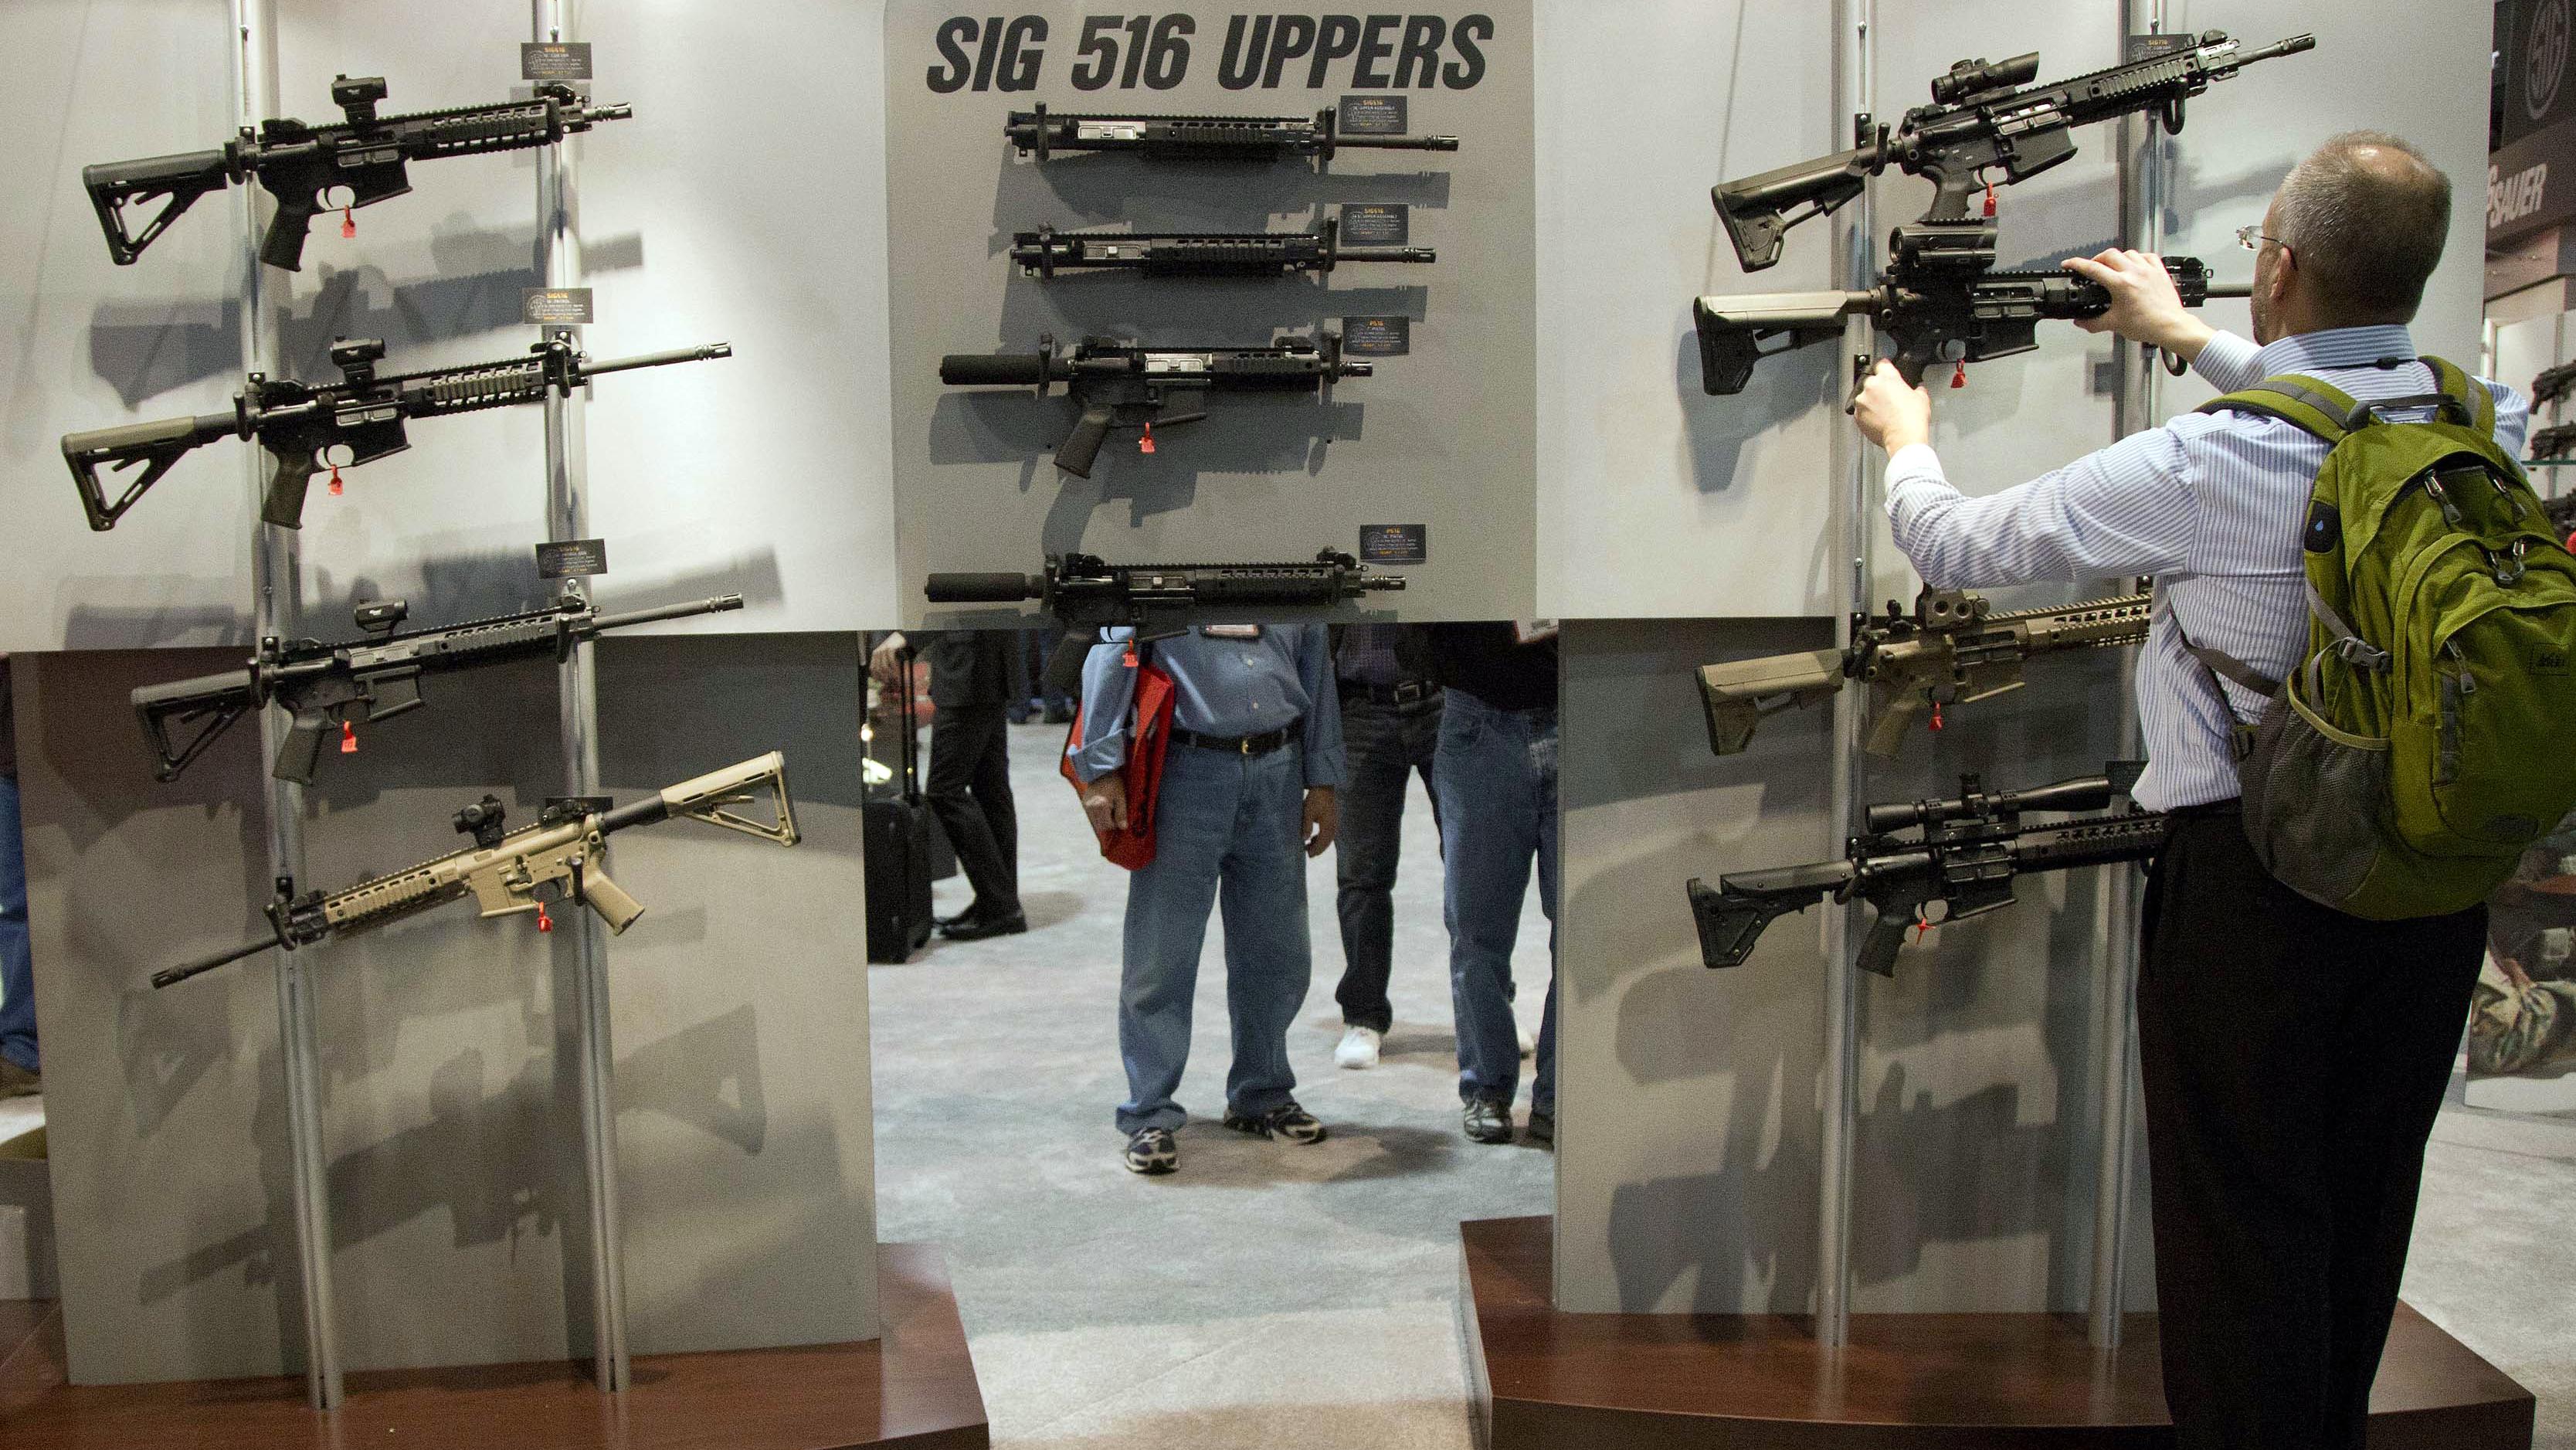 Assault rifles at a gun show